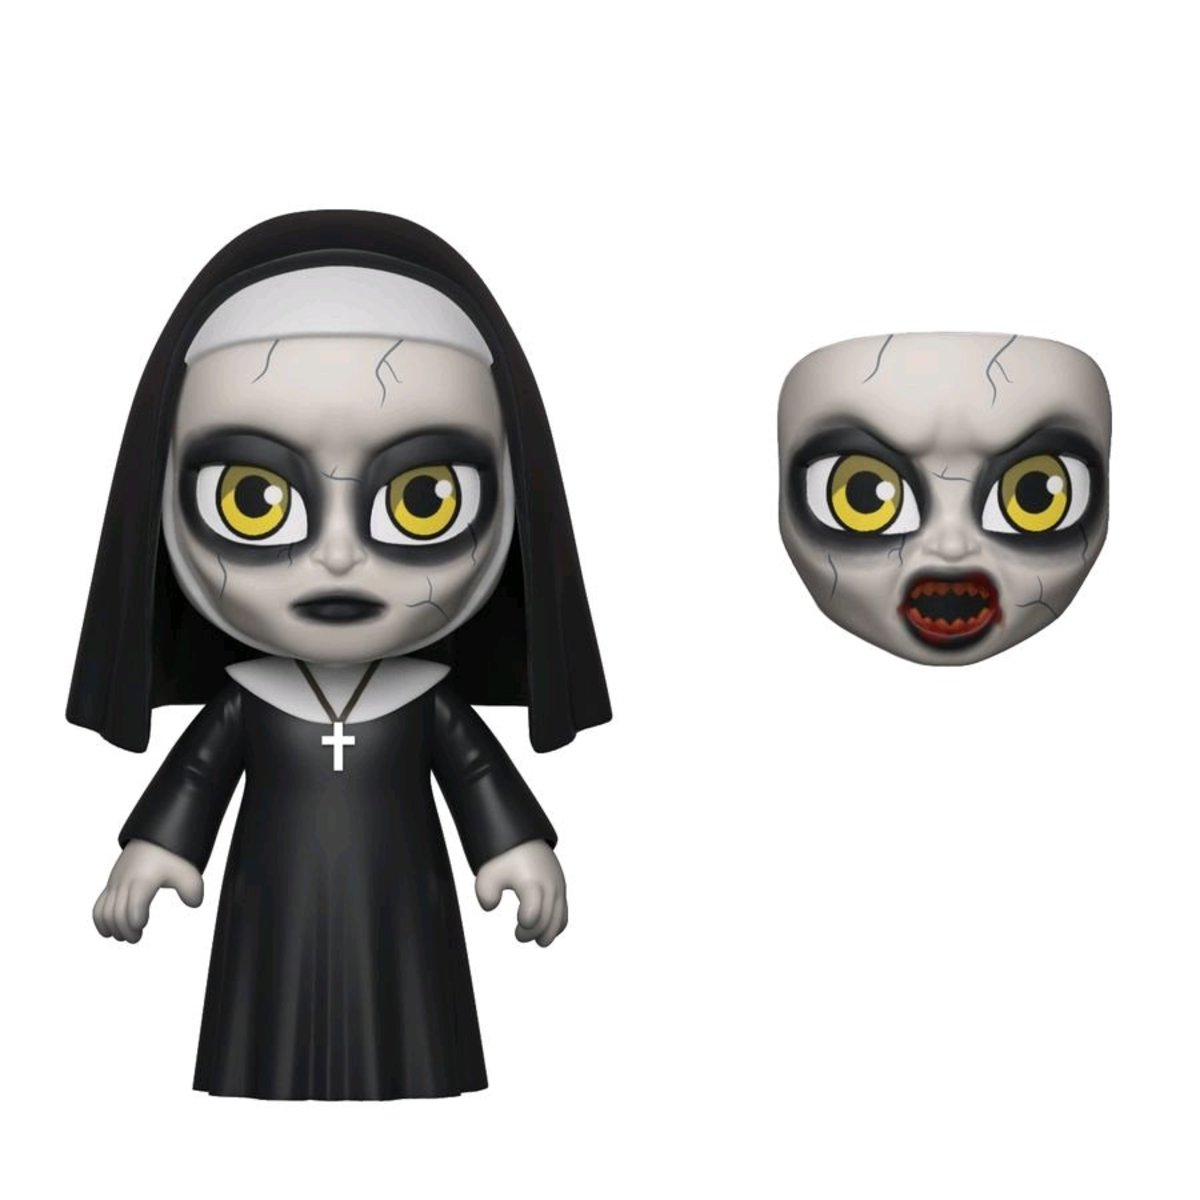 5 Star: The Nun - The Nun